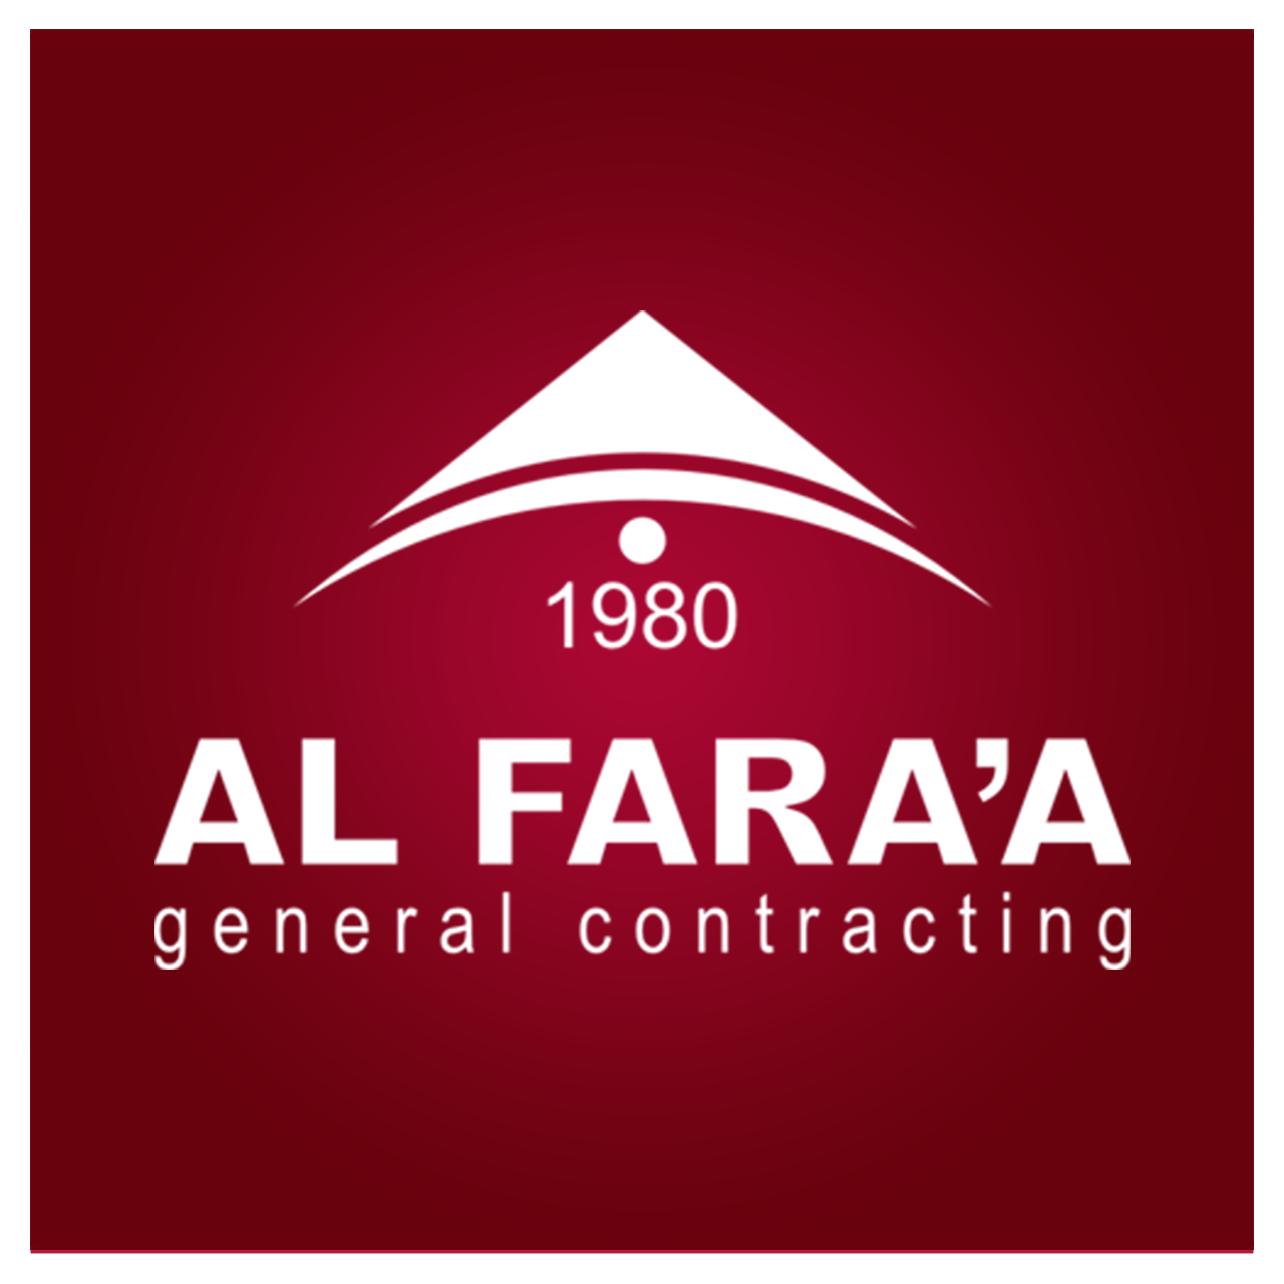 Al Fara'a General Contracting